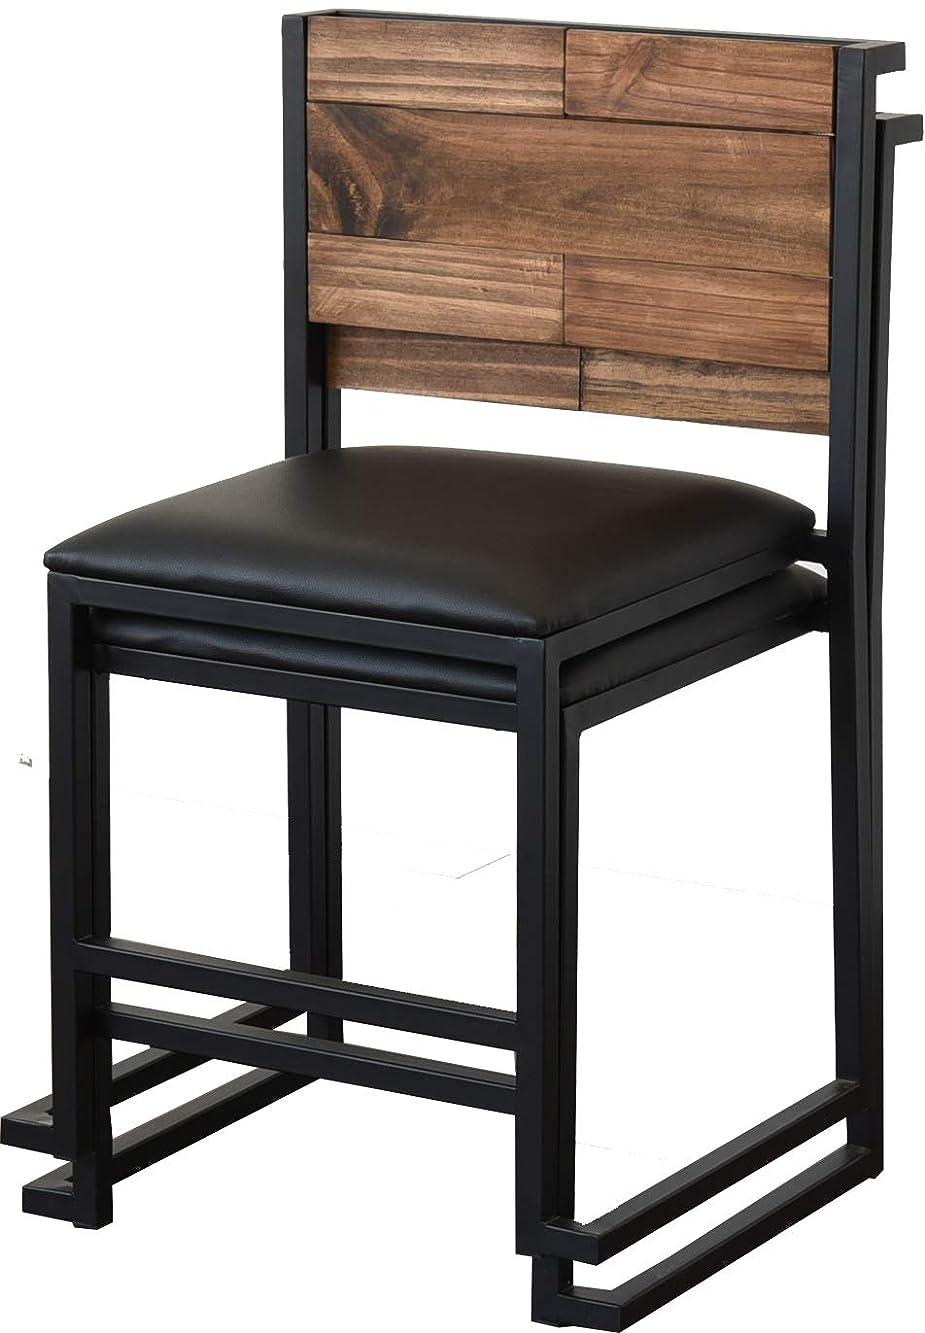 農業の満たすサミットダイニングチェア 天然木 北欧 木製 椅子 イス チェアー シンプル スタッキング アイアン おしゃれ オイル アンティーク 植物性オイル 塗装 モダン スタイリッシュ ハンドメイド ナチュラル